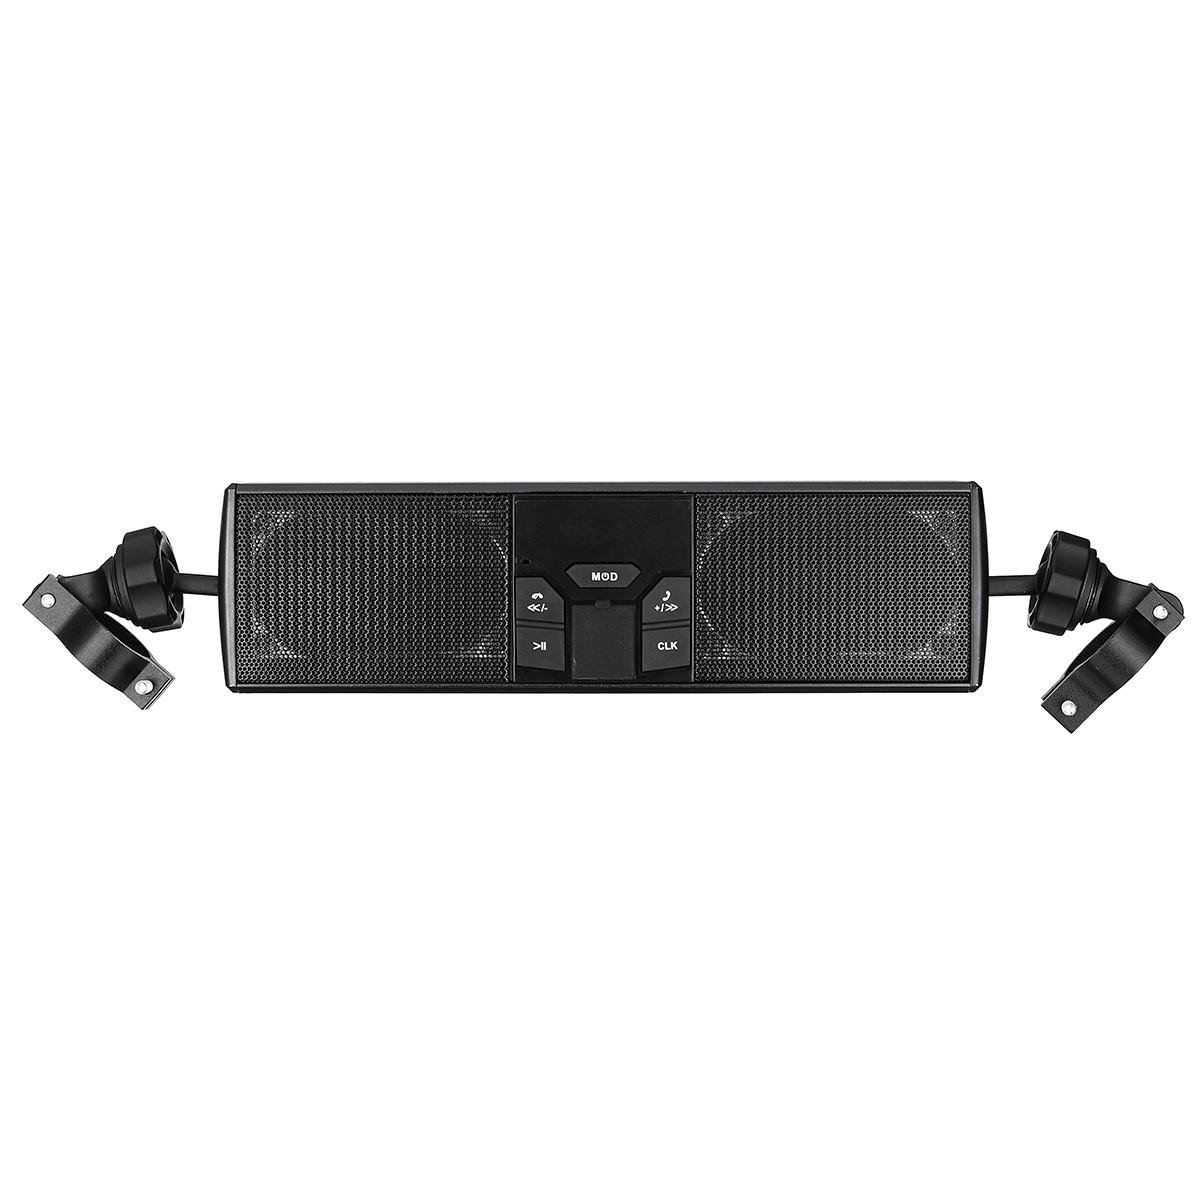 Водонепроницаемый мотоцикл MP3 USB FM Радио Аудио стерео LED Динамик с функцией Bluetooth Электрик Скутер Велосипед Универсальный - 1TopShop